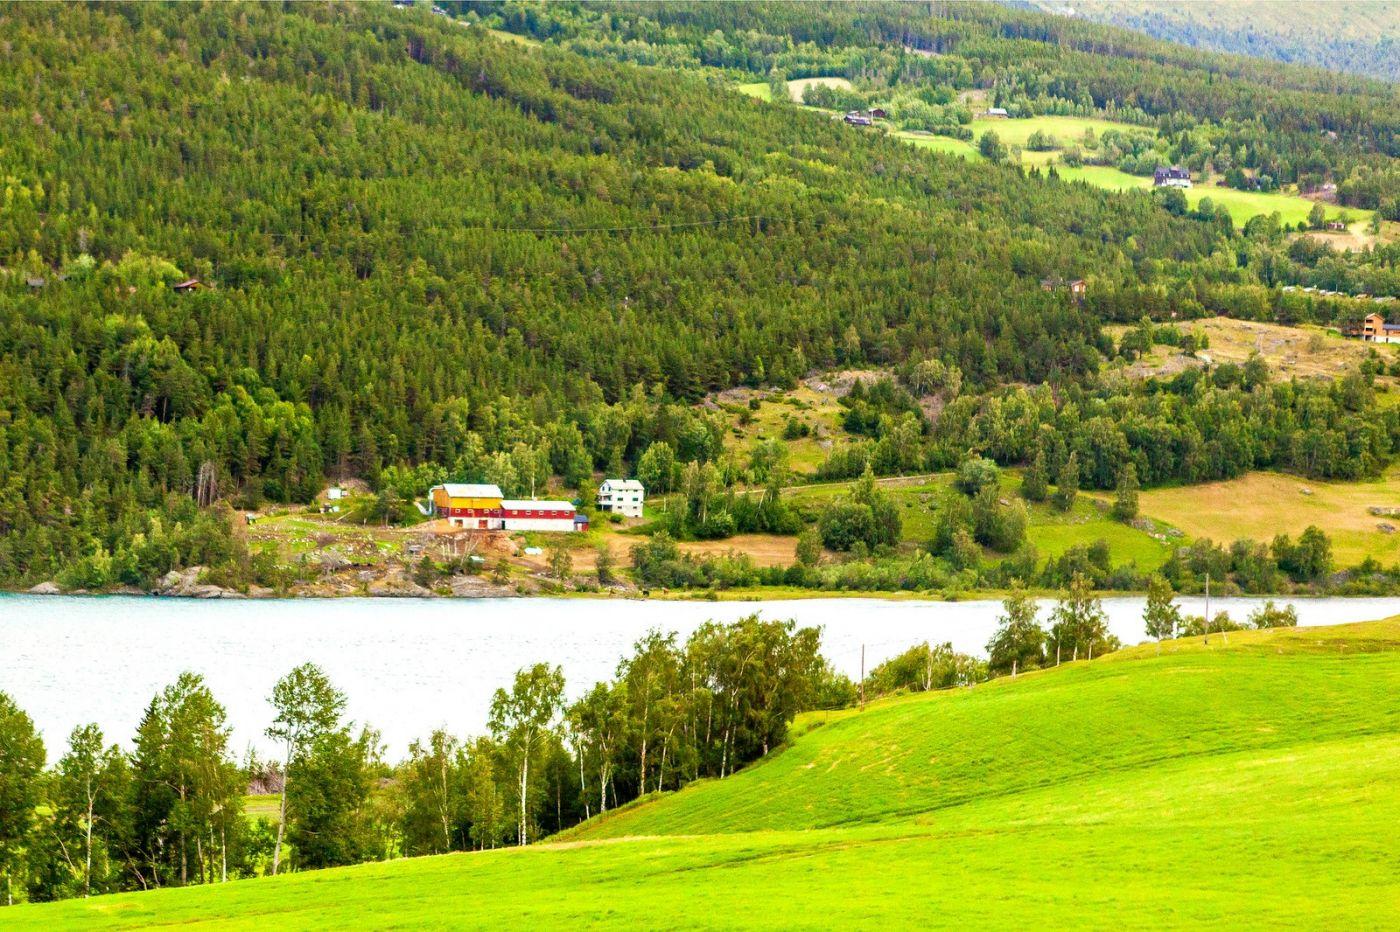 北欧风光,风景美如画_图1-30